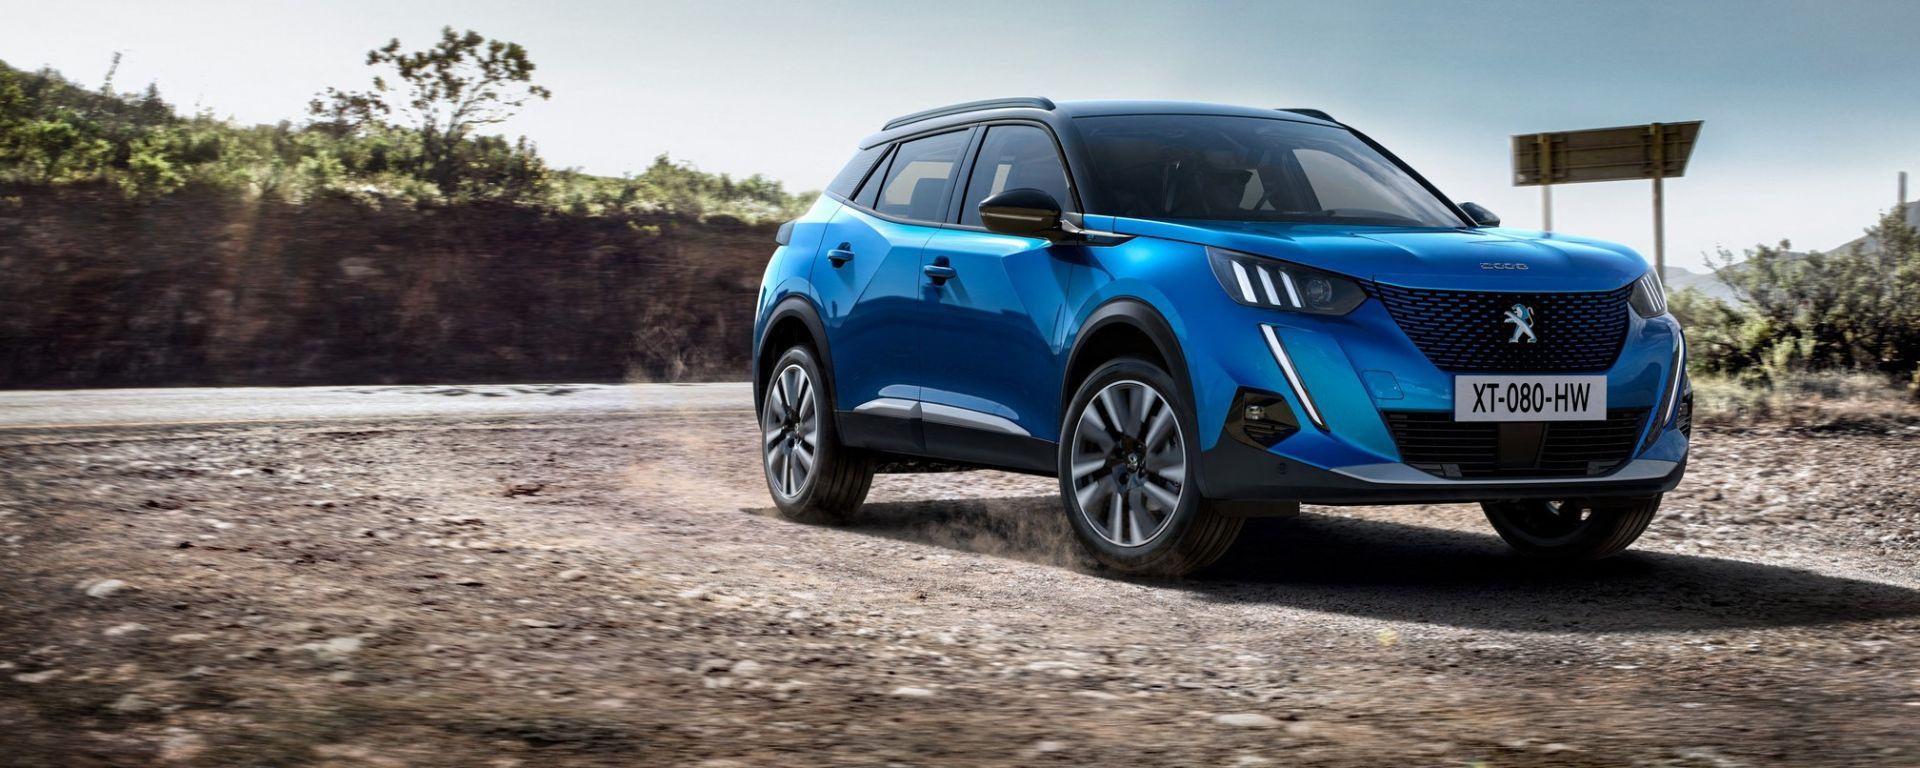 Peugeot e-2008 2020, la 2008 elettrica: il test drive è in corso